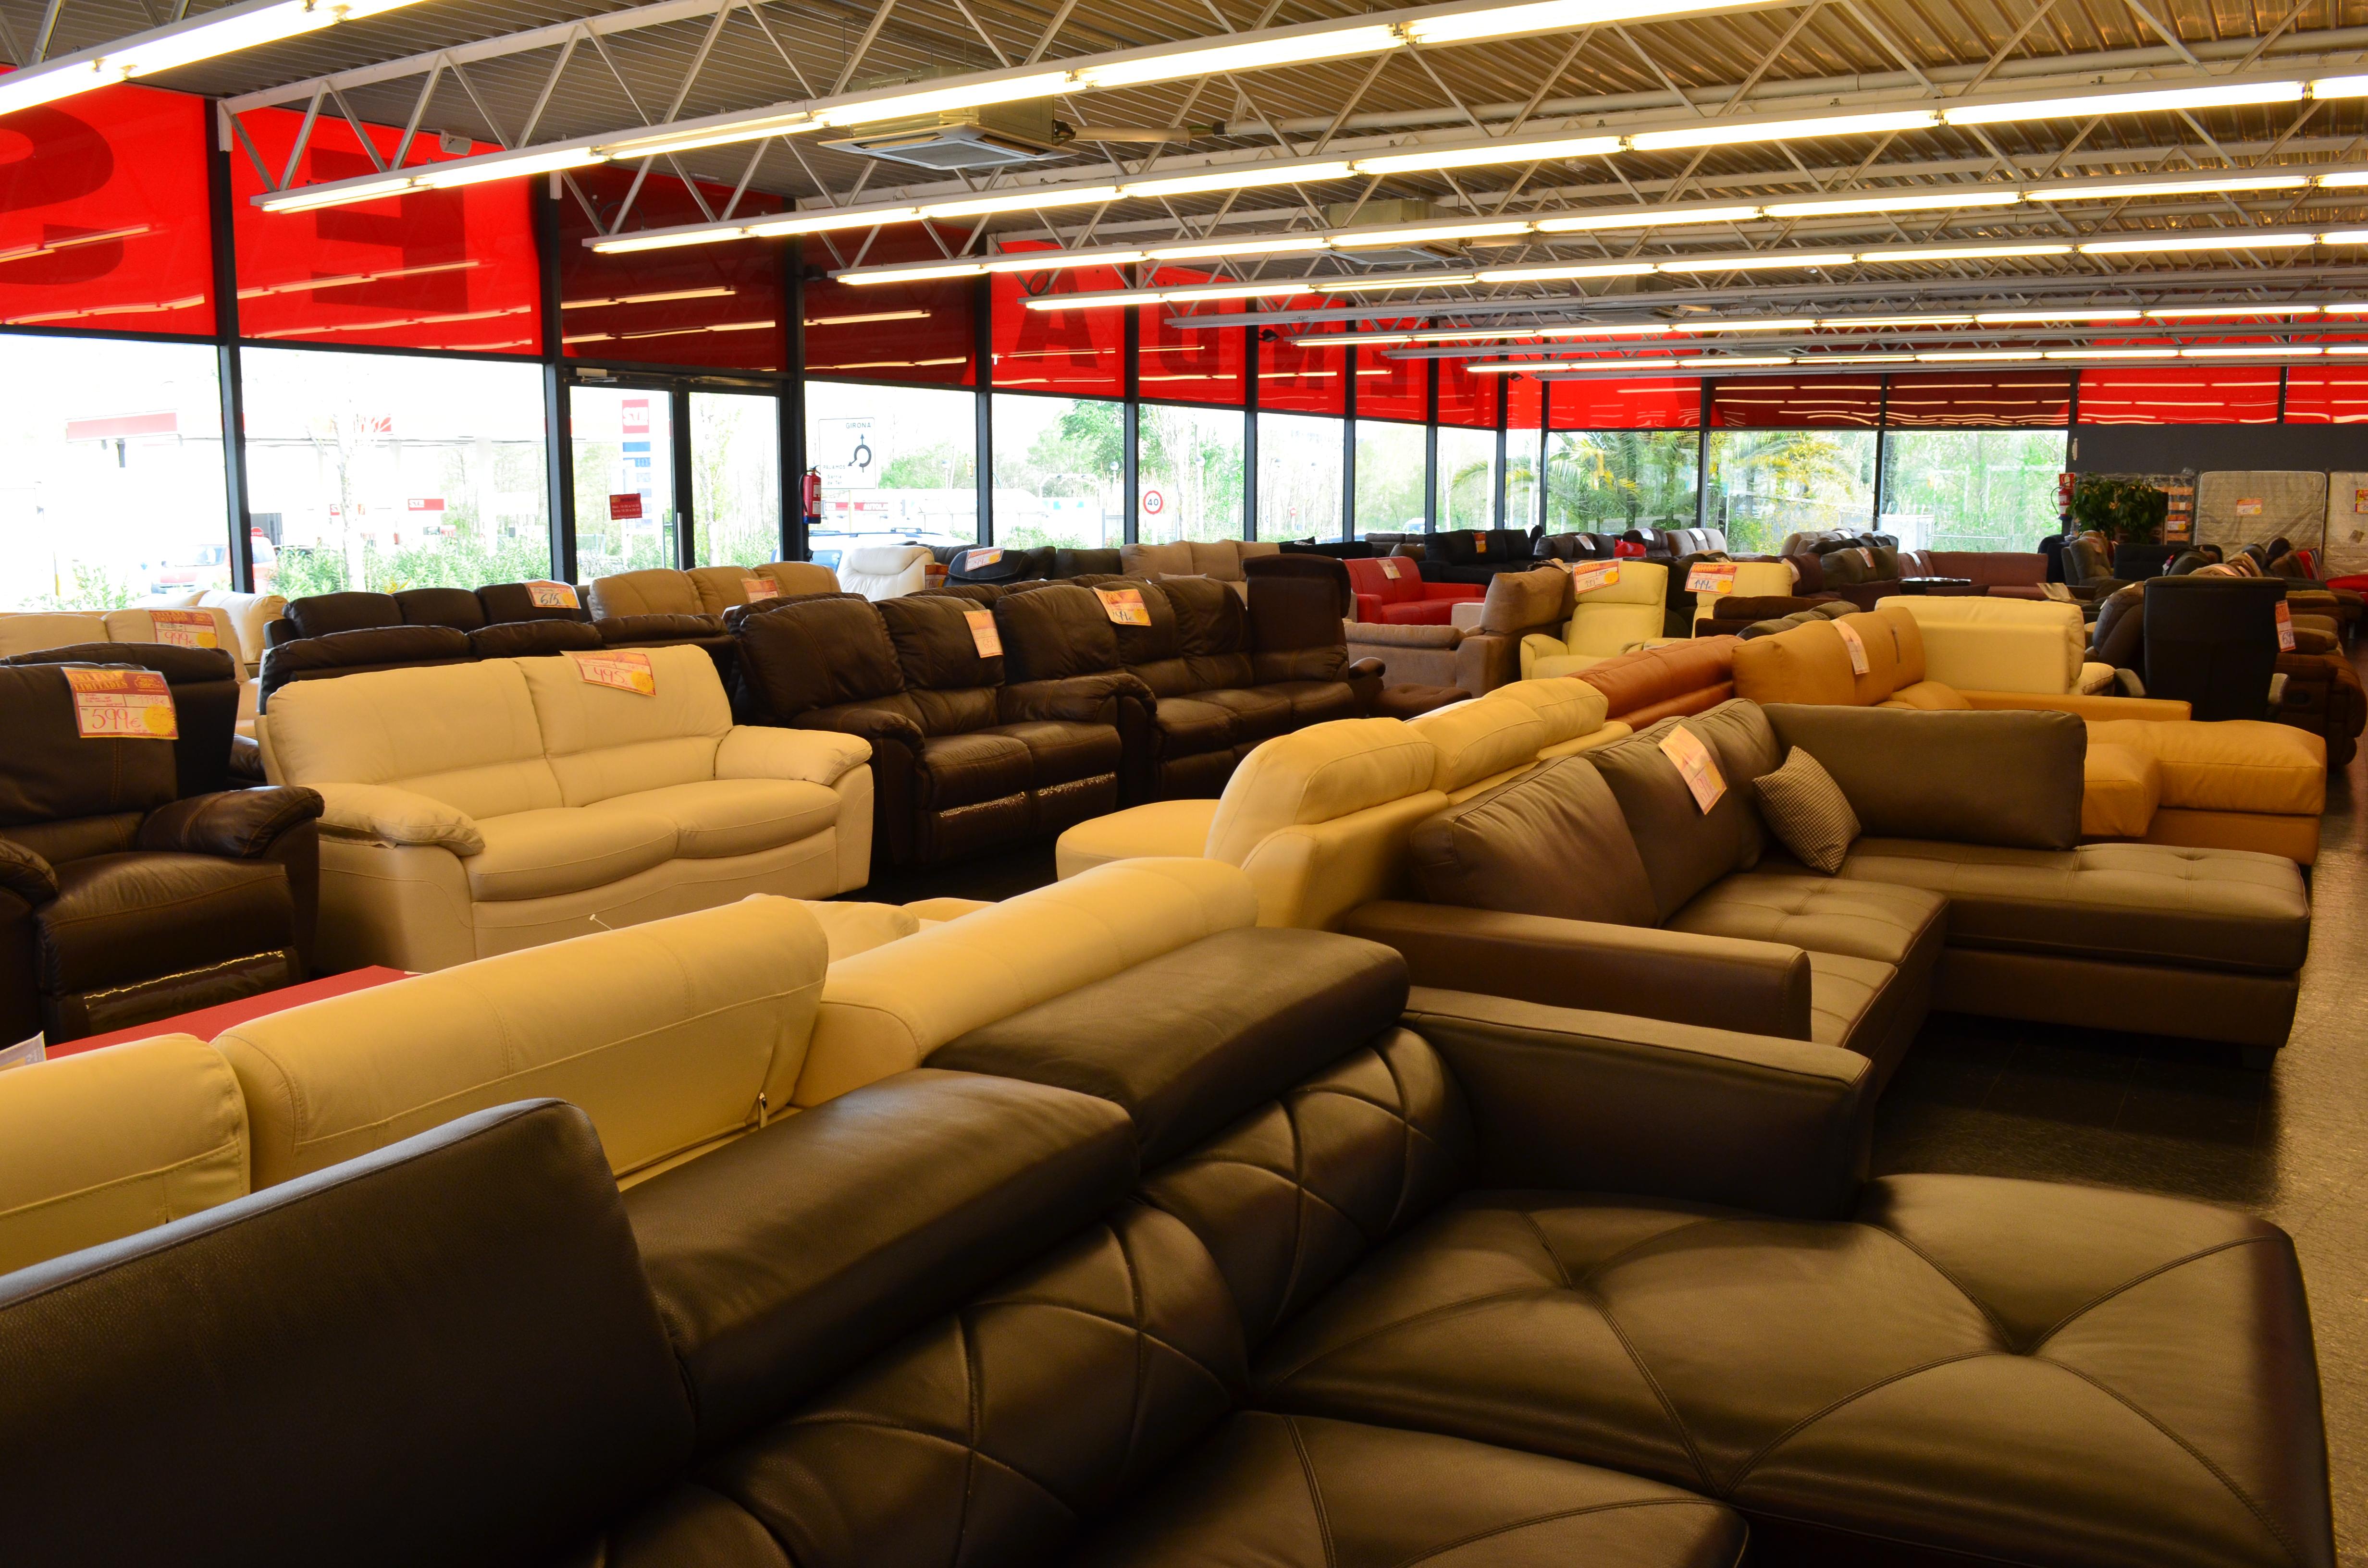 Muebles vidal pontevedra obtenga ideas dise o de muebles for Muebles baratos pontevedra